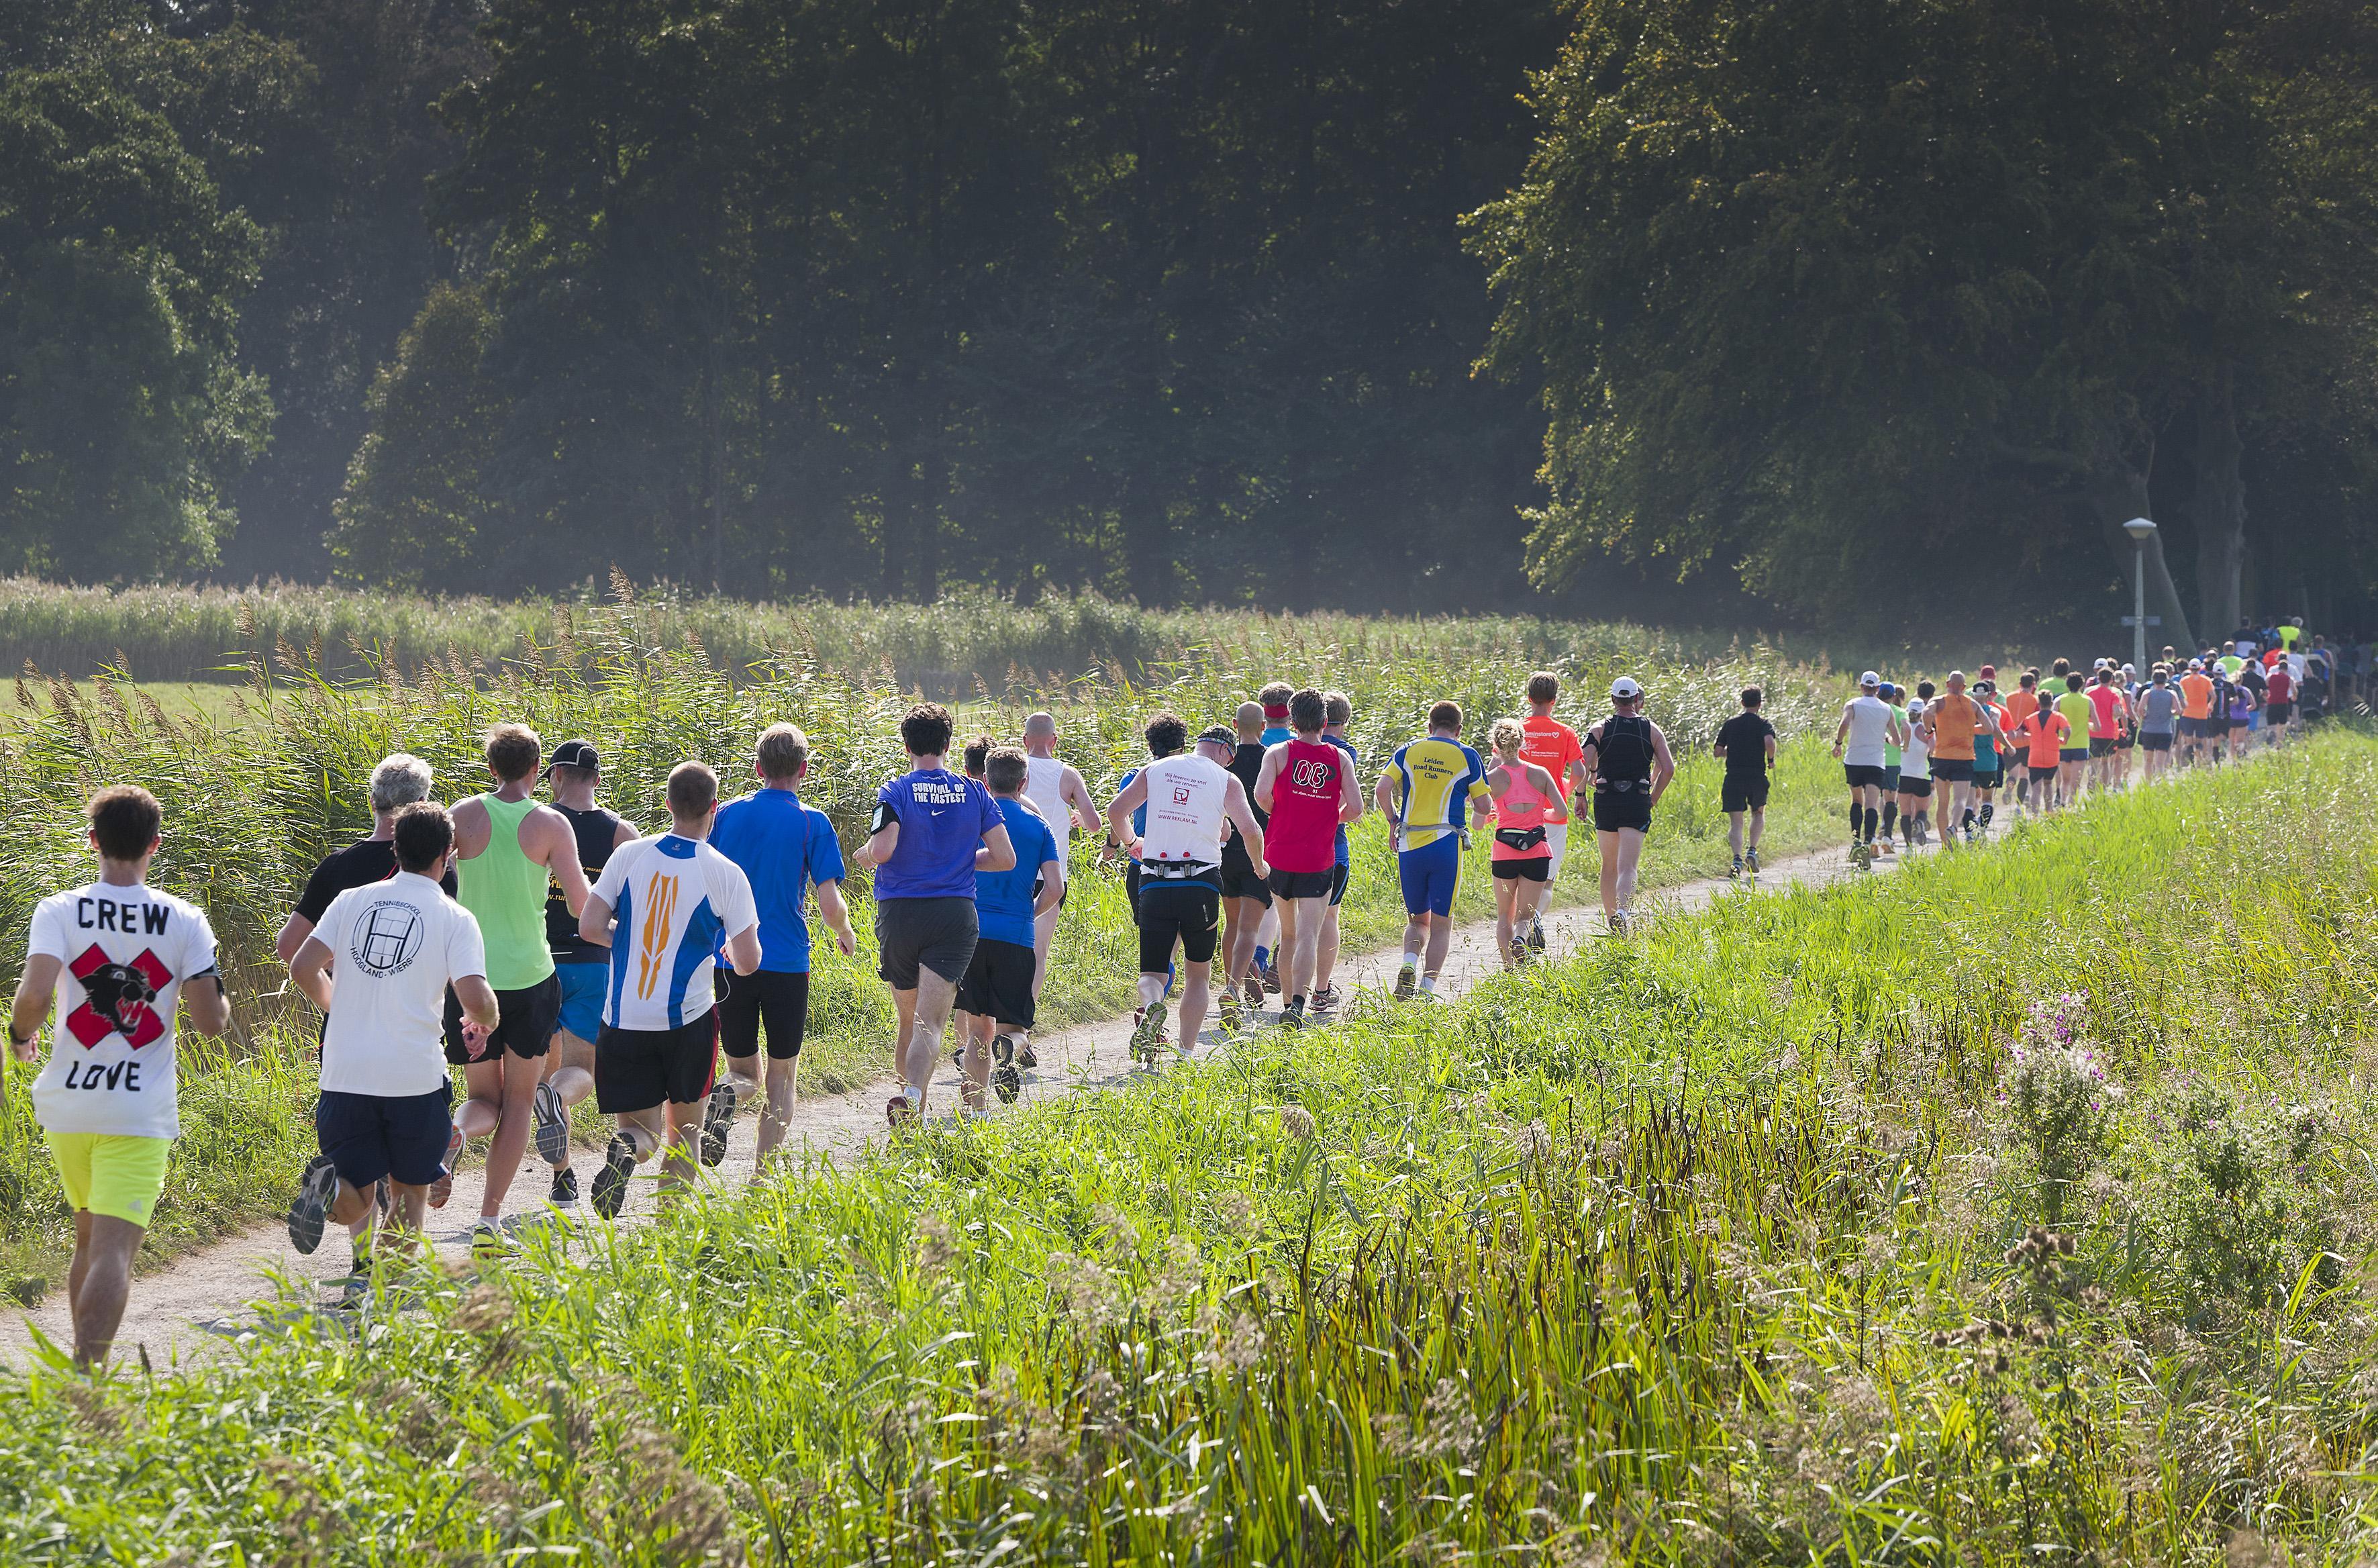 Halve van Haarlem verwacht 4500 deelnemers